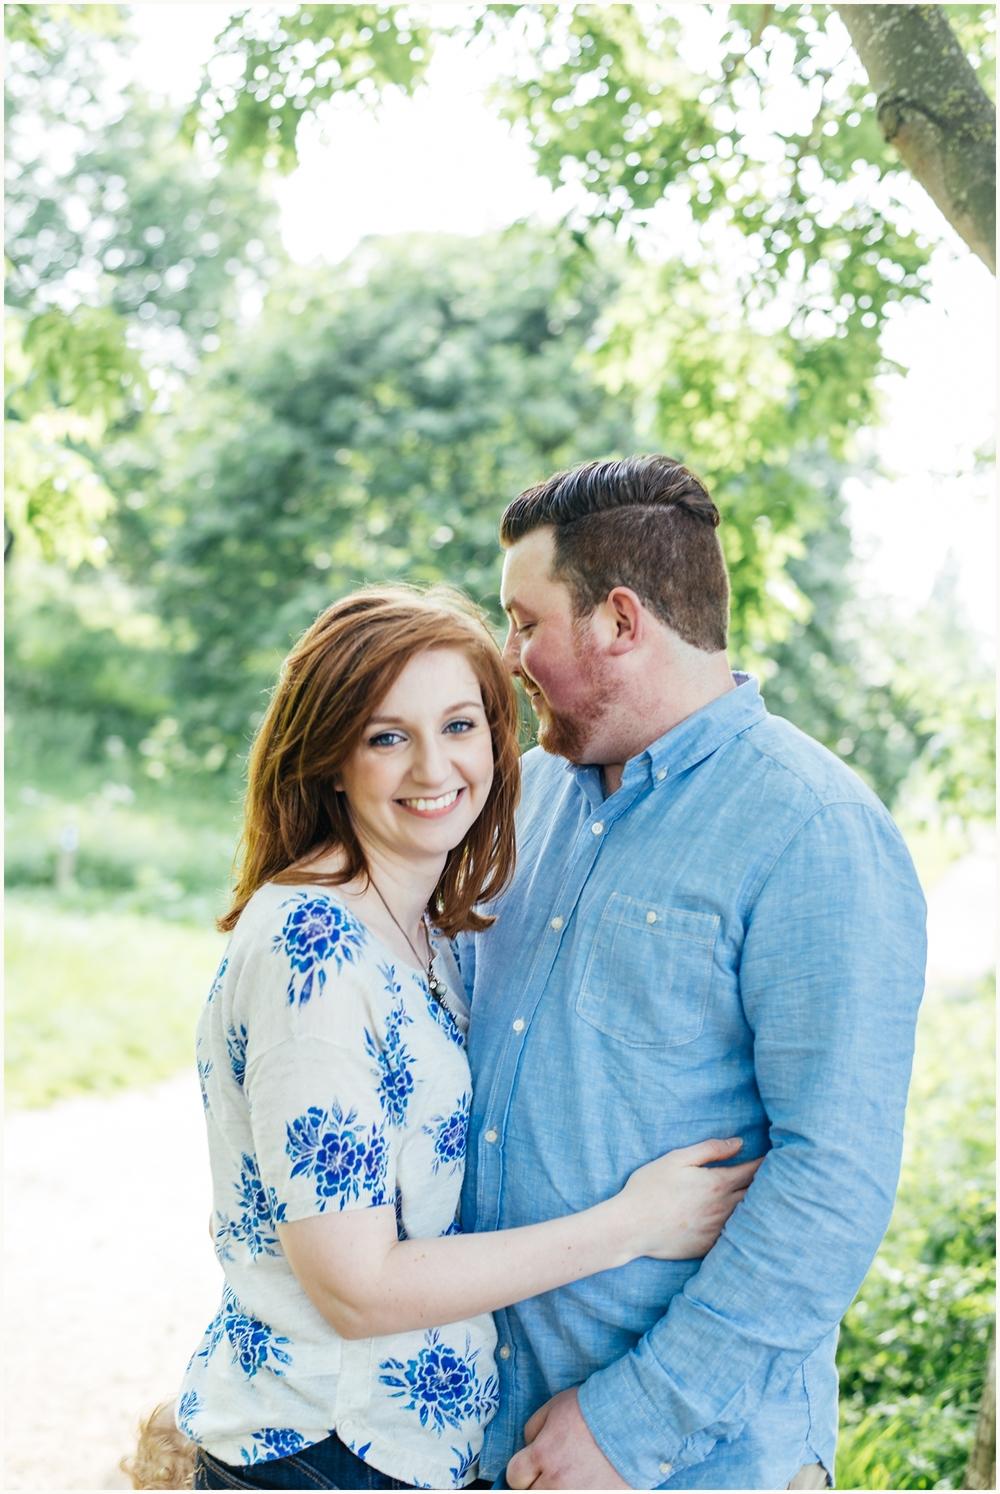 Emma& Paul_eshoot_NikkiCooperPhotography-1068.jpg